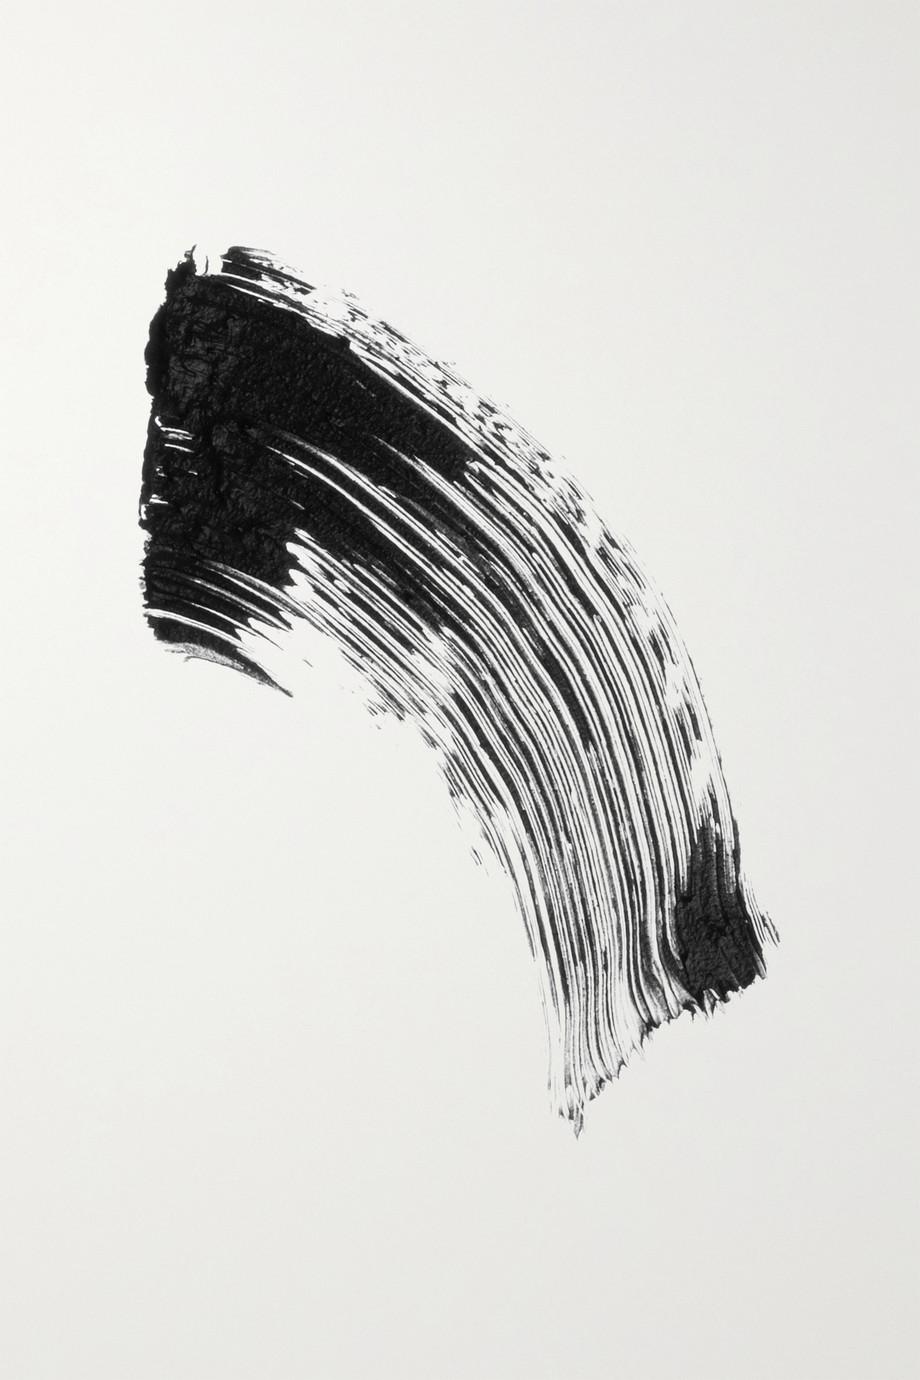 Chantecaille Faux Cils Longest Lash Mascara - Black